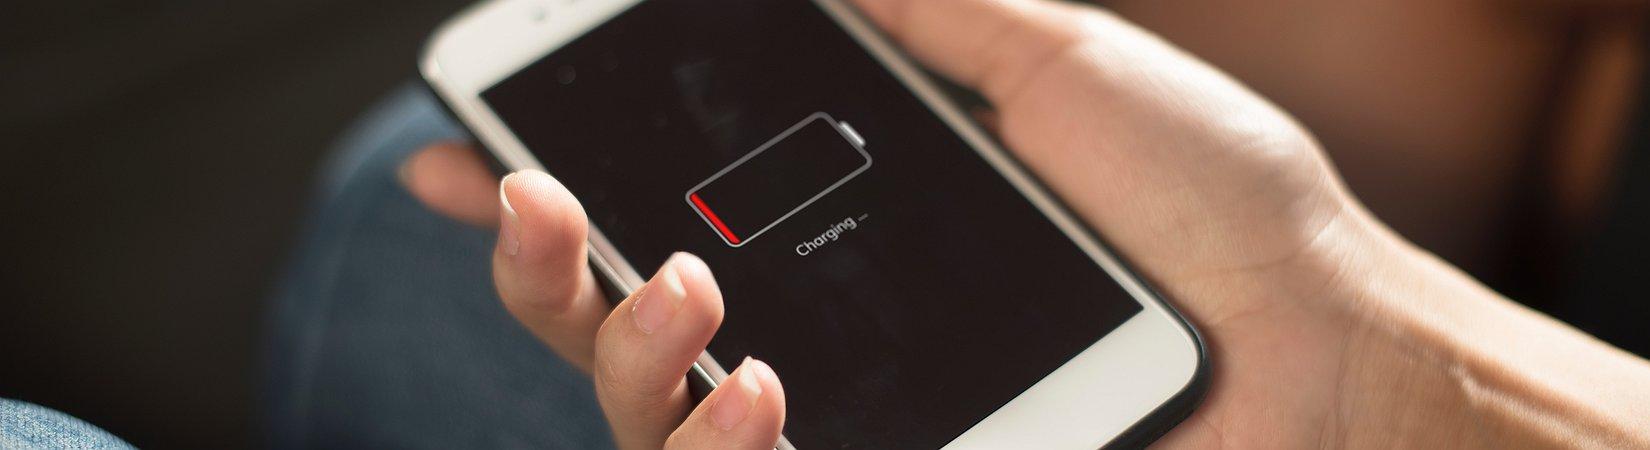 Как продлить время работы iPhone: 15 лайфхаков